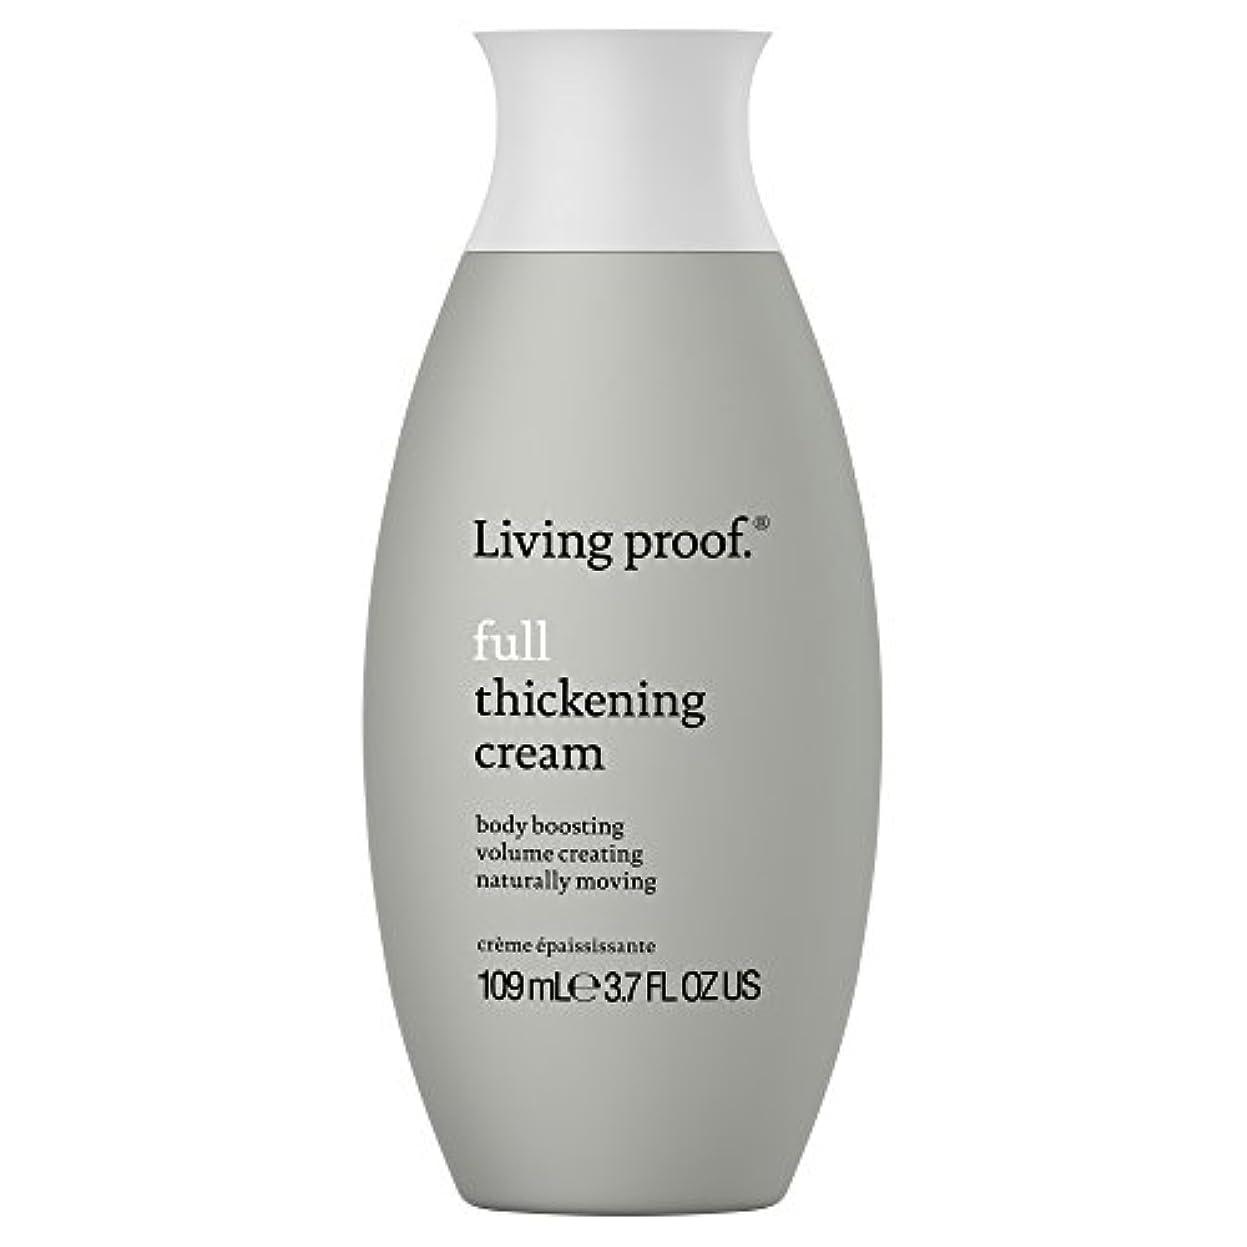 モードリン鷲迷信生きている証拠フル肥厚クリーム109ミリリットル (Living Proof) - Living Proof Full Thickening Cream 109ml [並行輸入品]